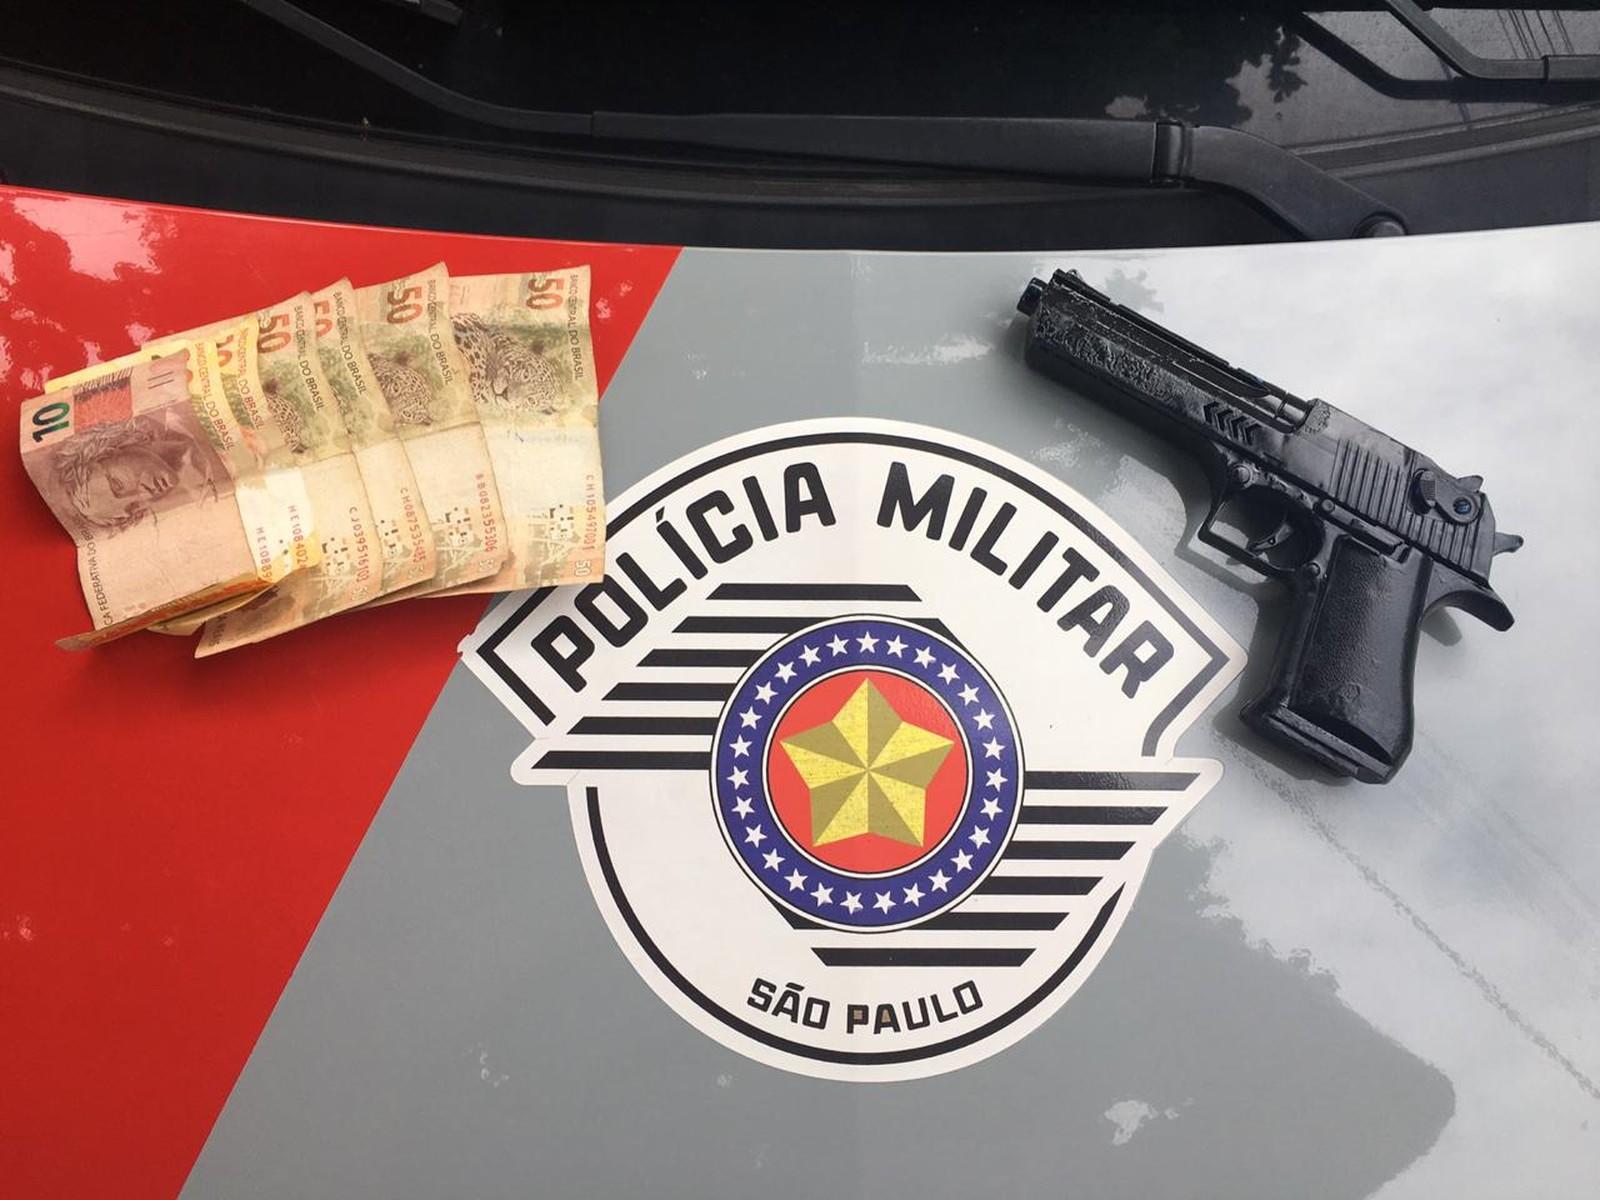 Simulacro de arma foi apreendidos com os suspeitos em Bauru e os R$ 250 roubados foram recuperados — Foto: Polícia Militar / Divulgação